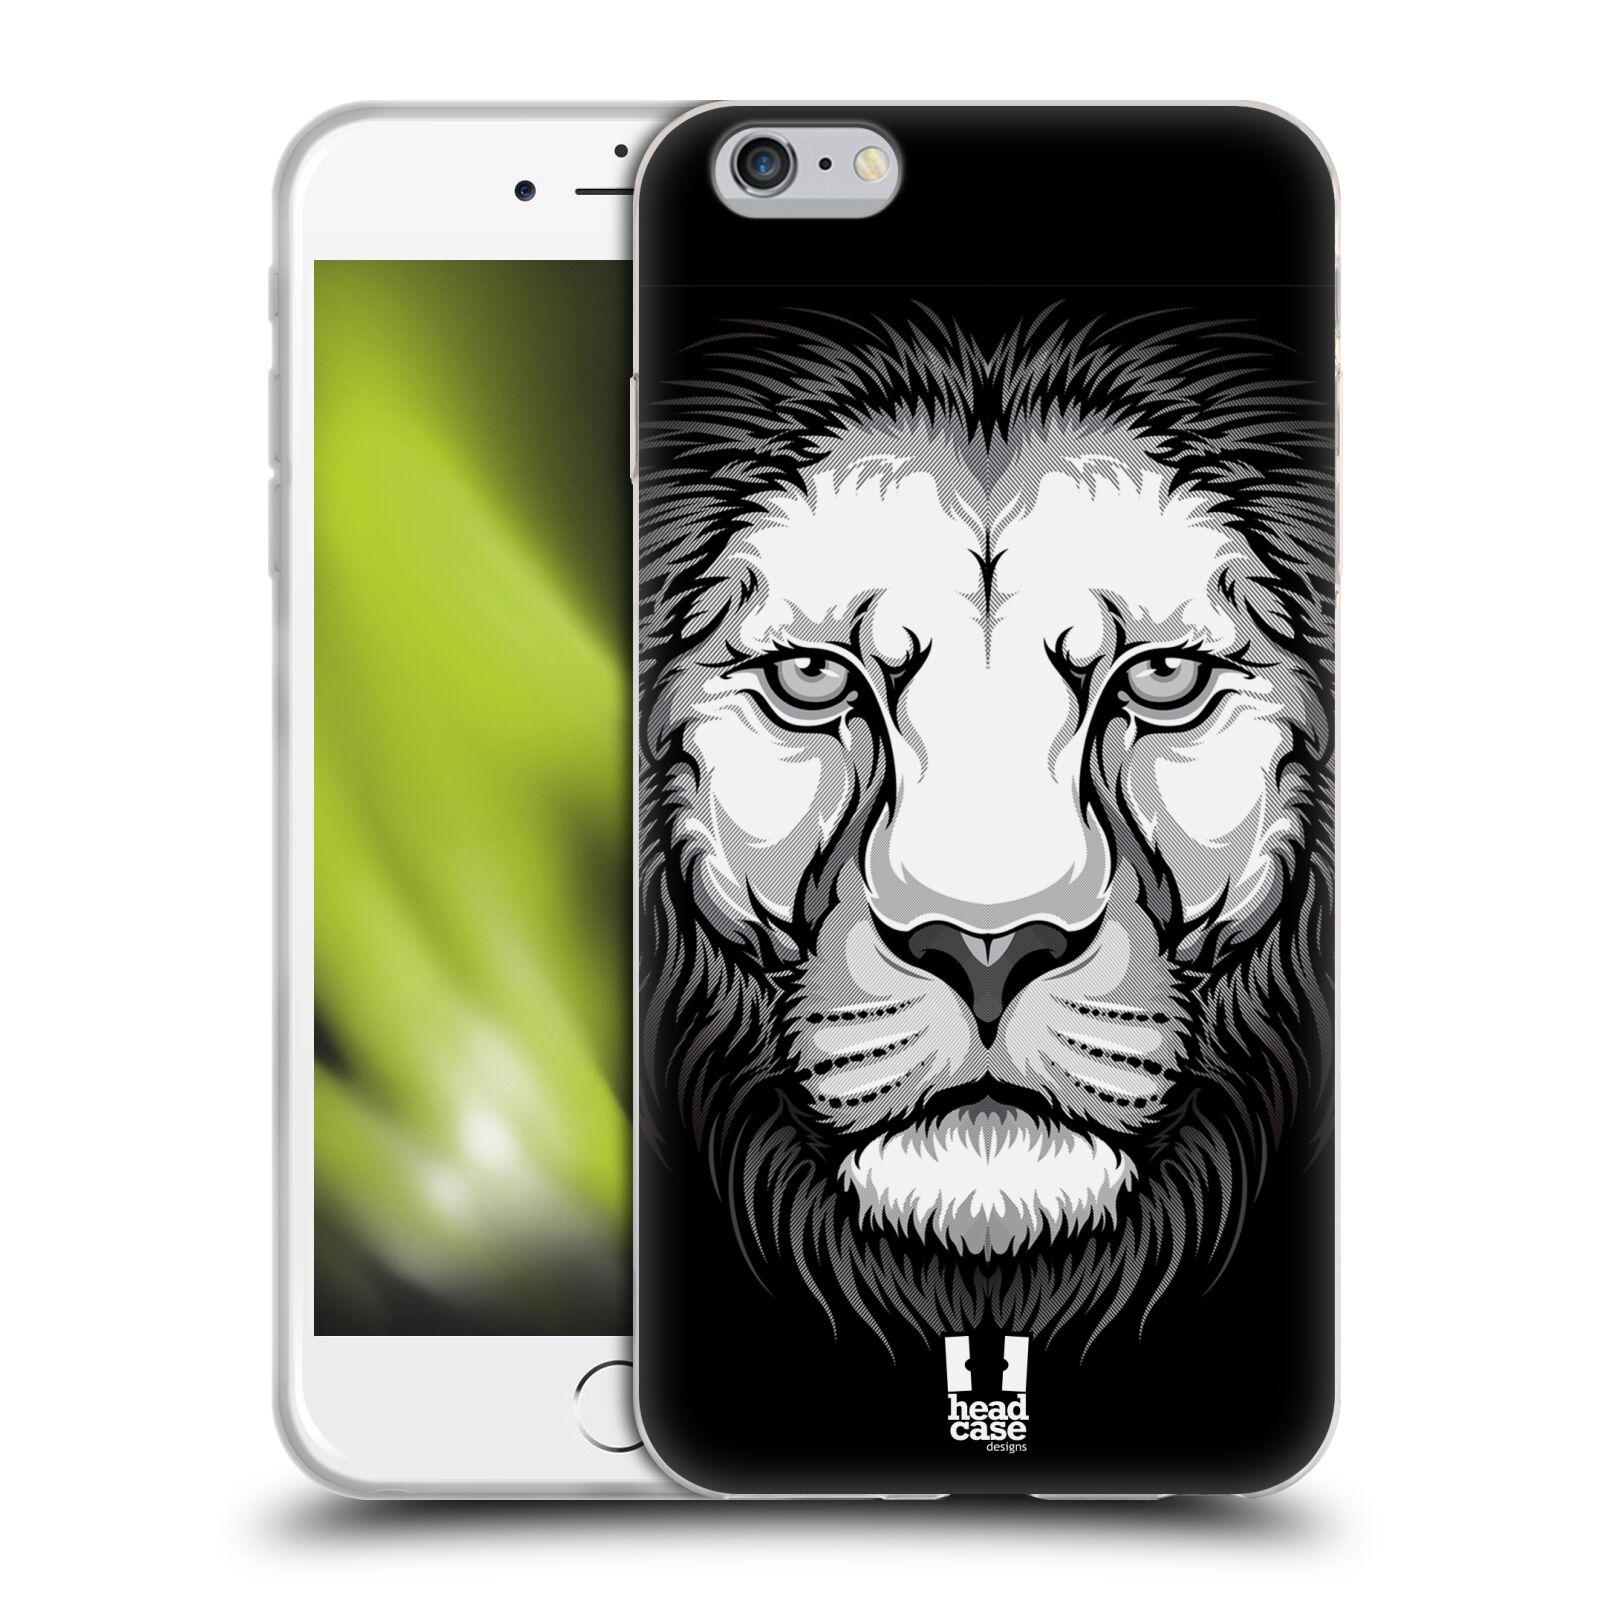 HEAD CASE silikonový obal na mobil Apple Iphone 6 PLUS/ 6S PLUS vzor Zvíře kreslená tvář lev